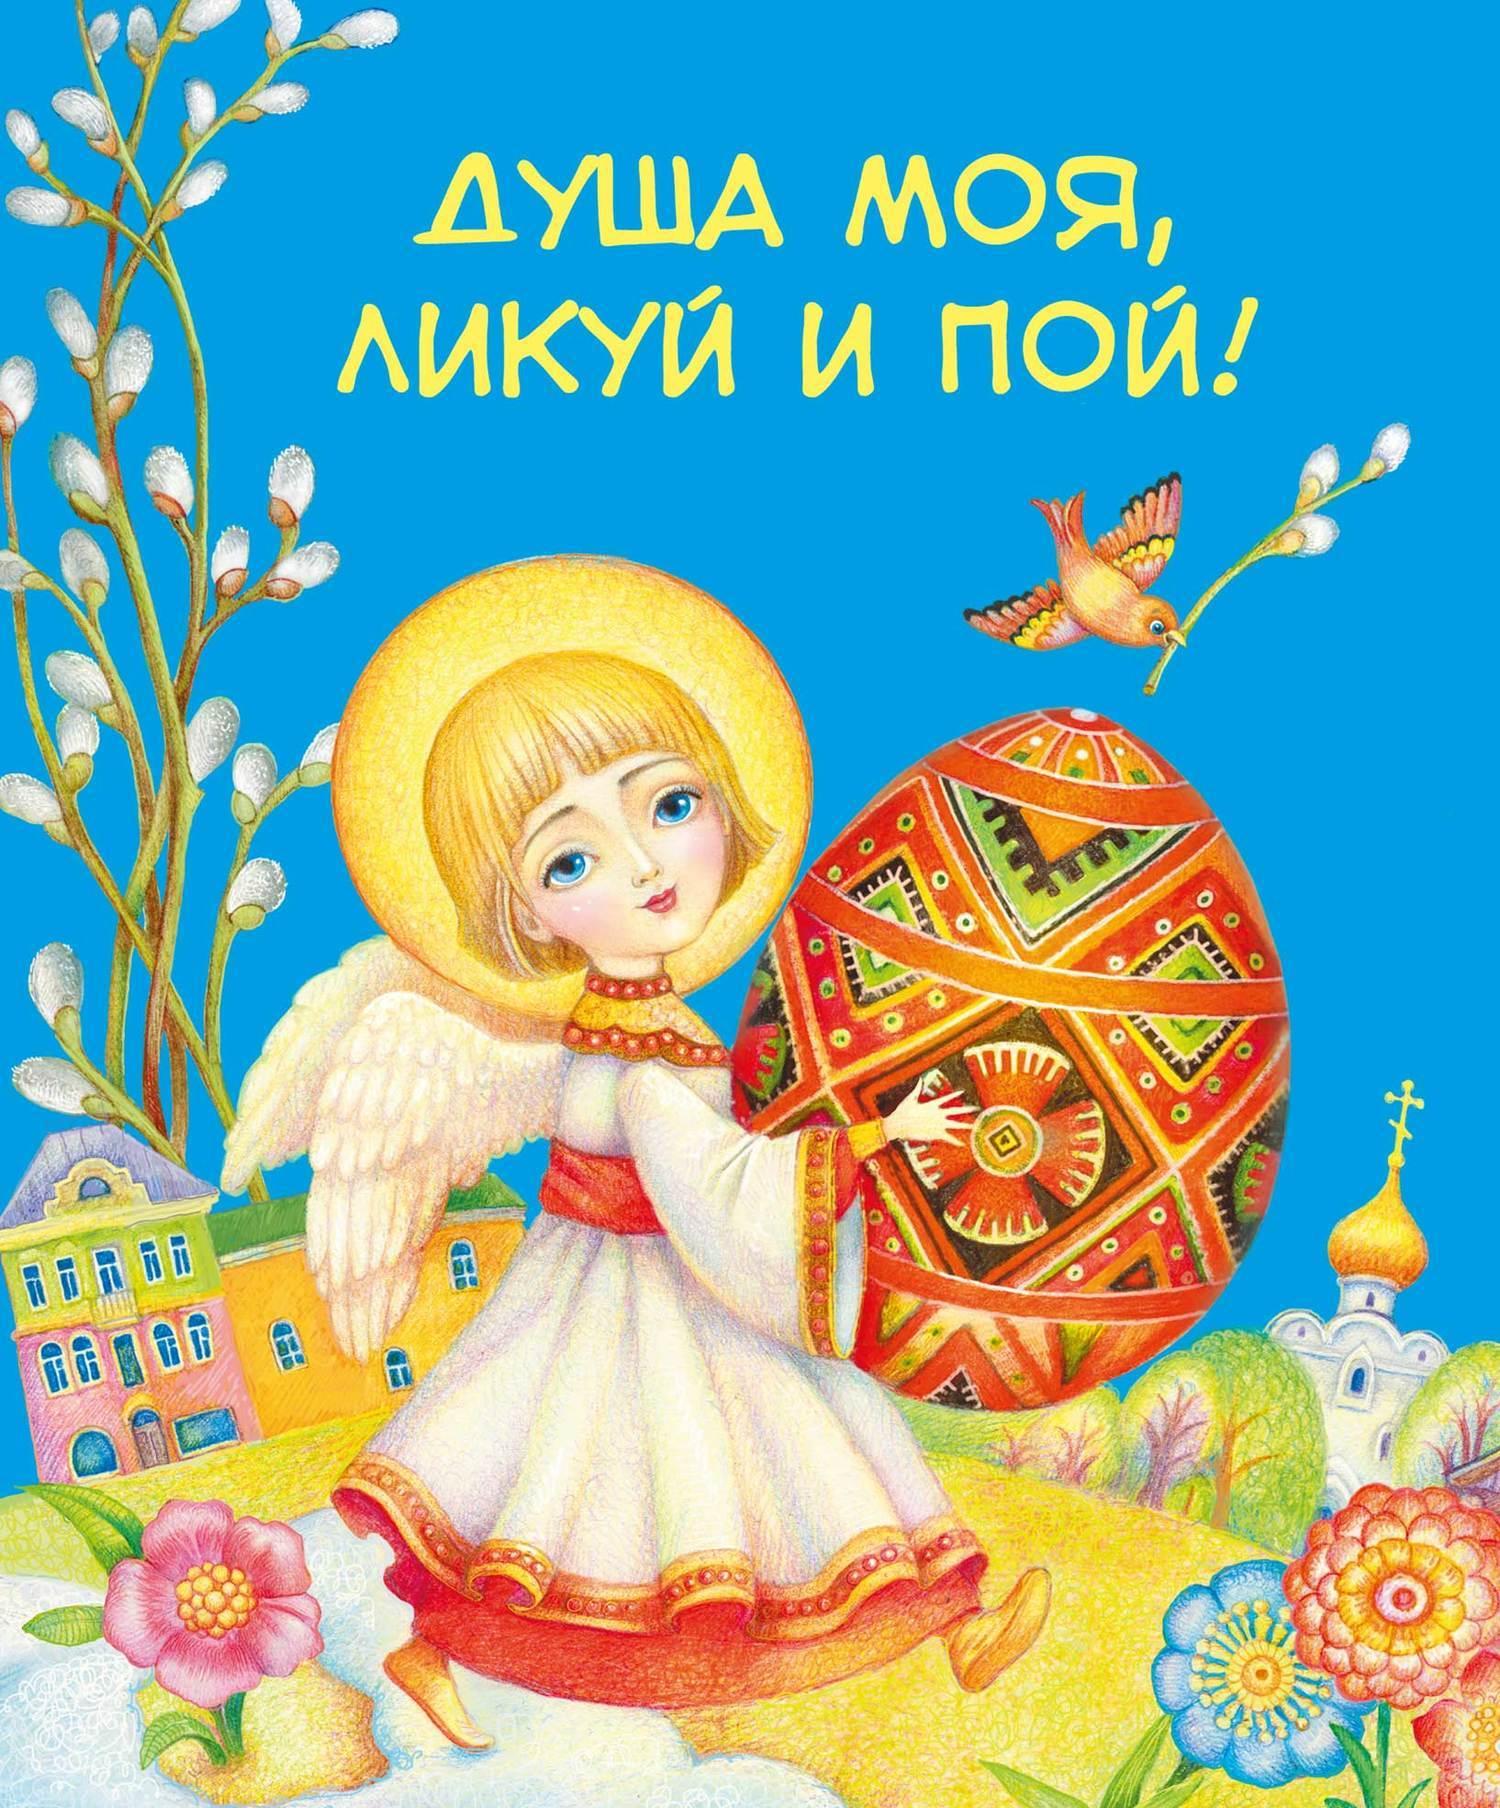 Сборник, Ирина Бакулина - Душа моя, ликуй и пой! (сборник)